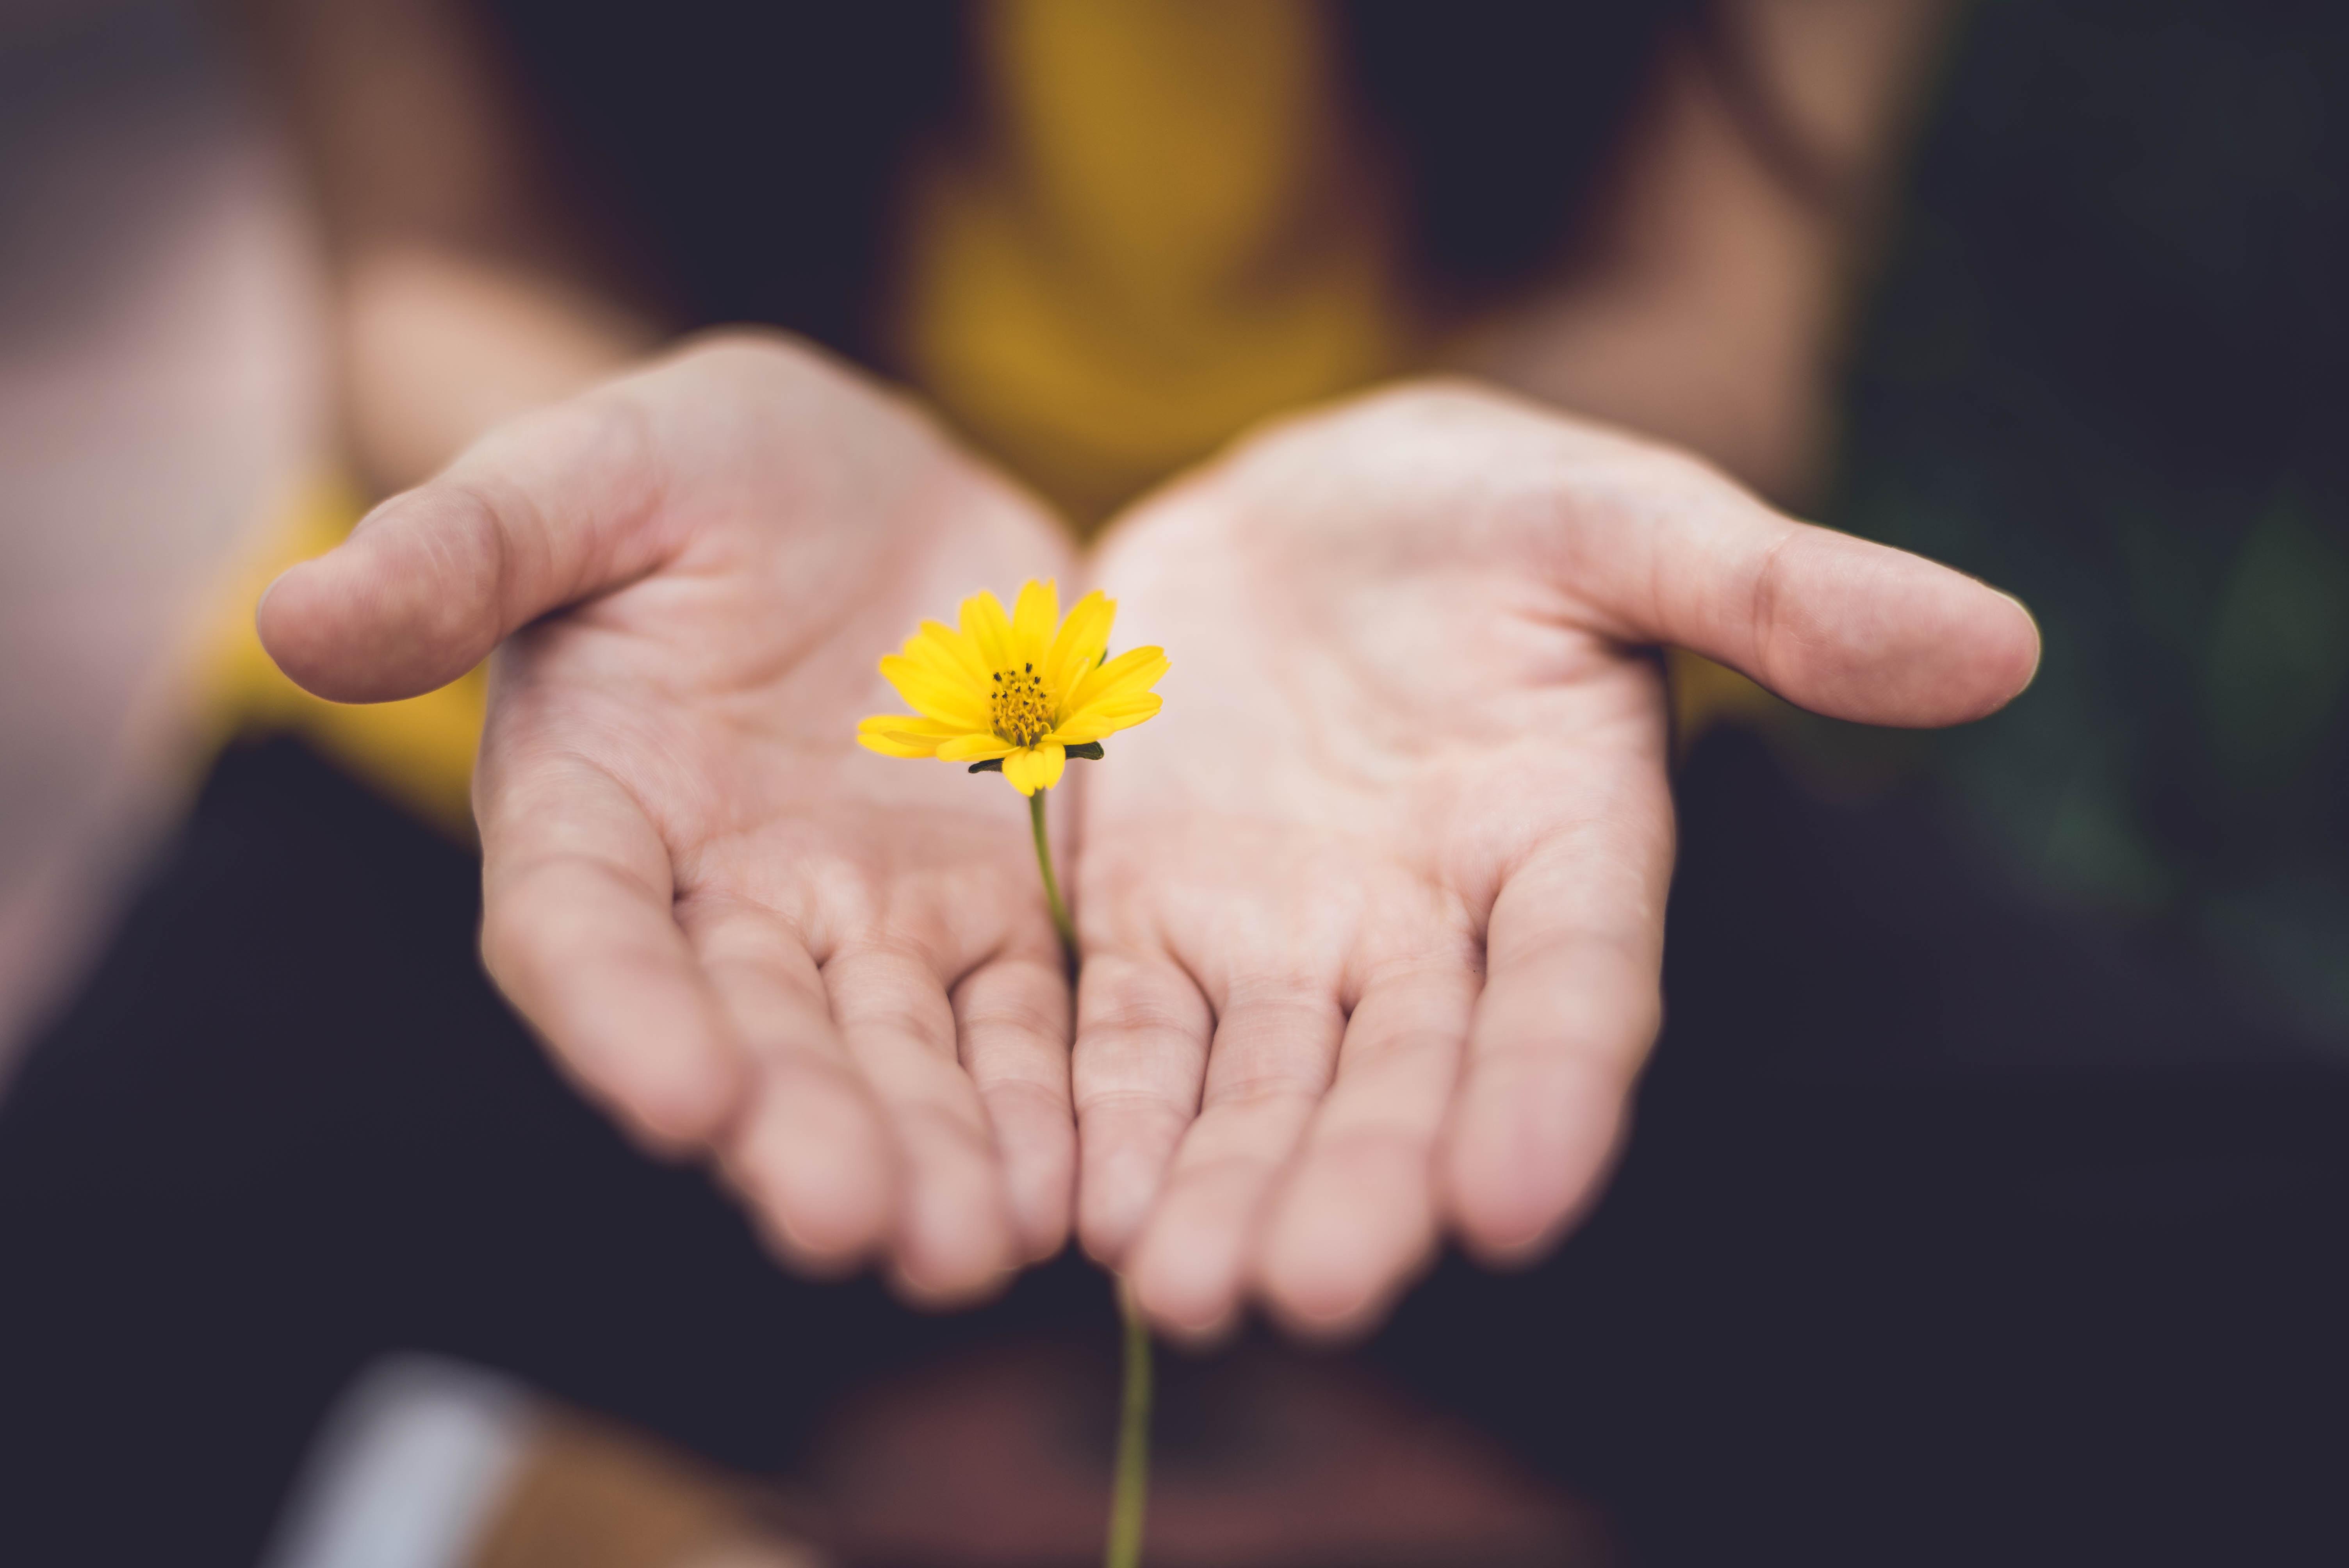 Choosing Hope Against Hope